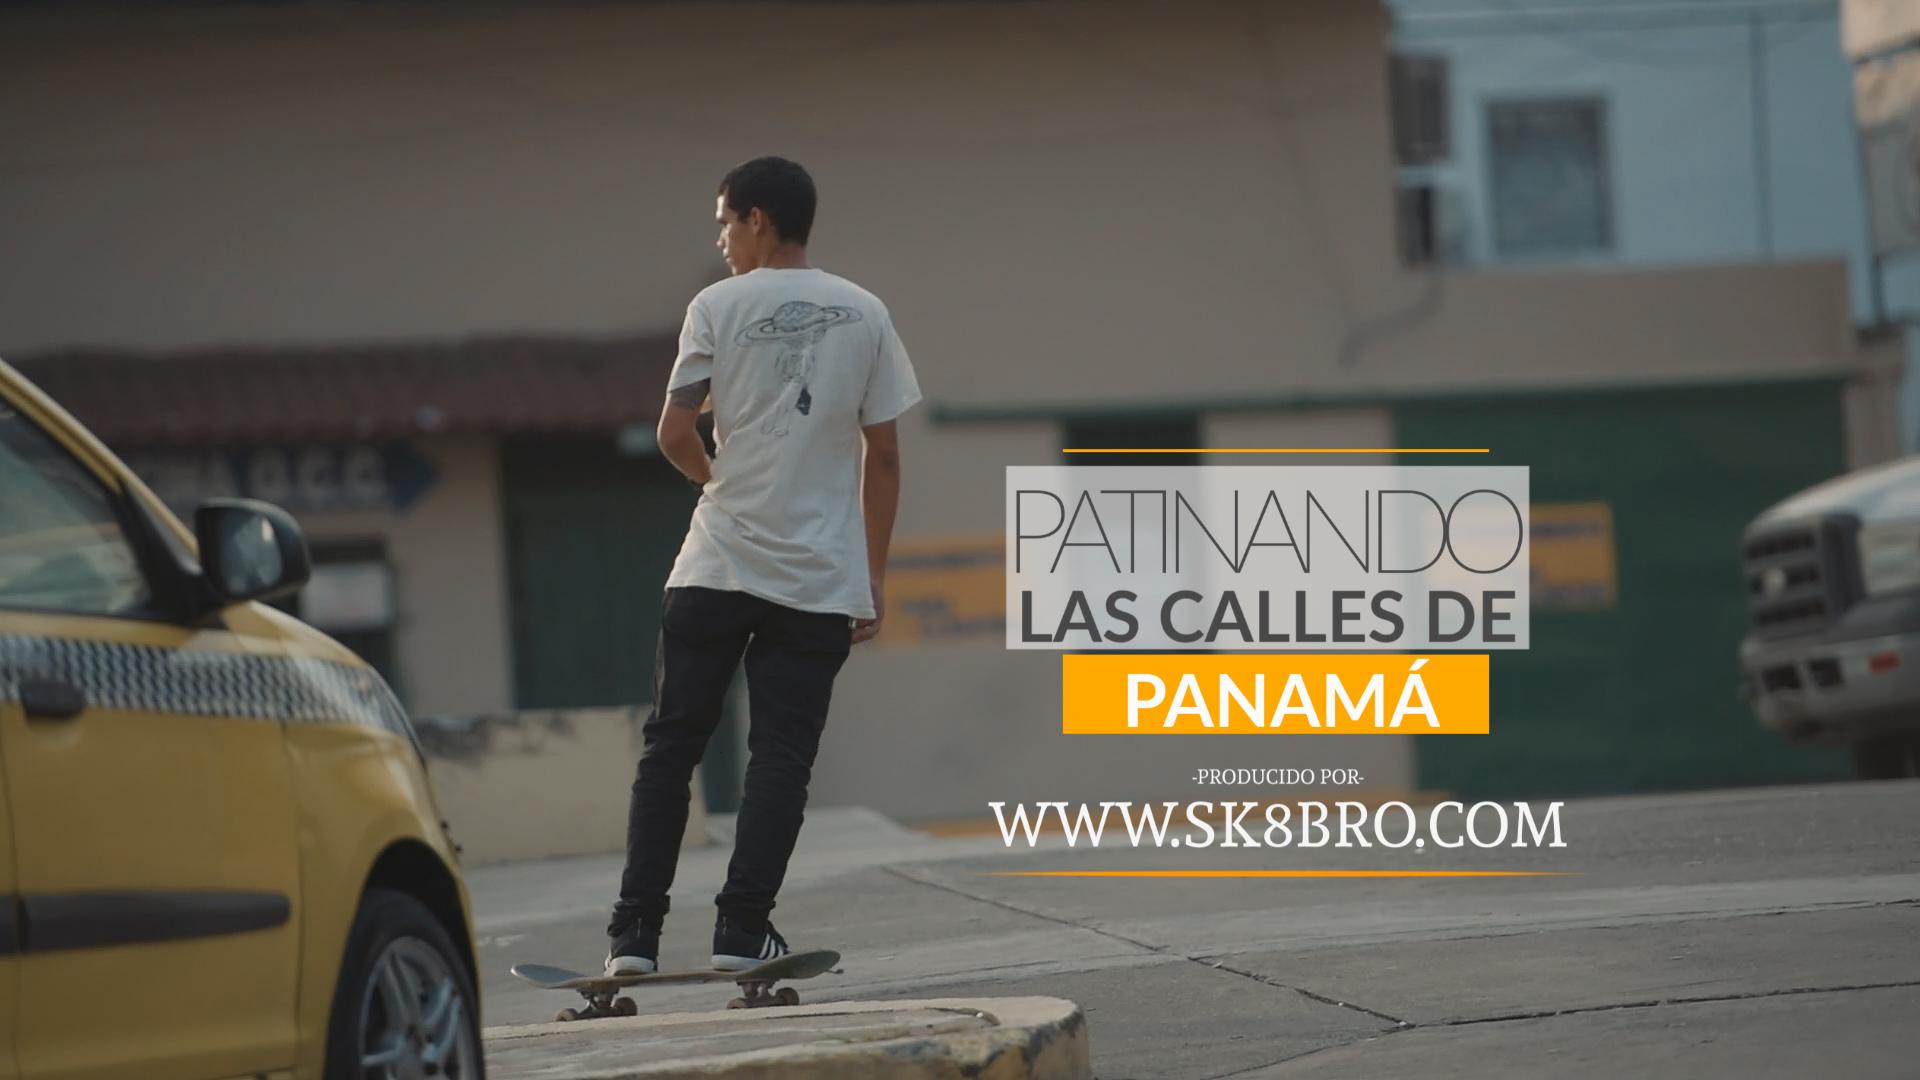 Patinando las calles de Panamá